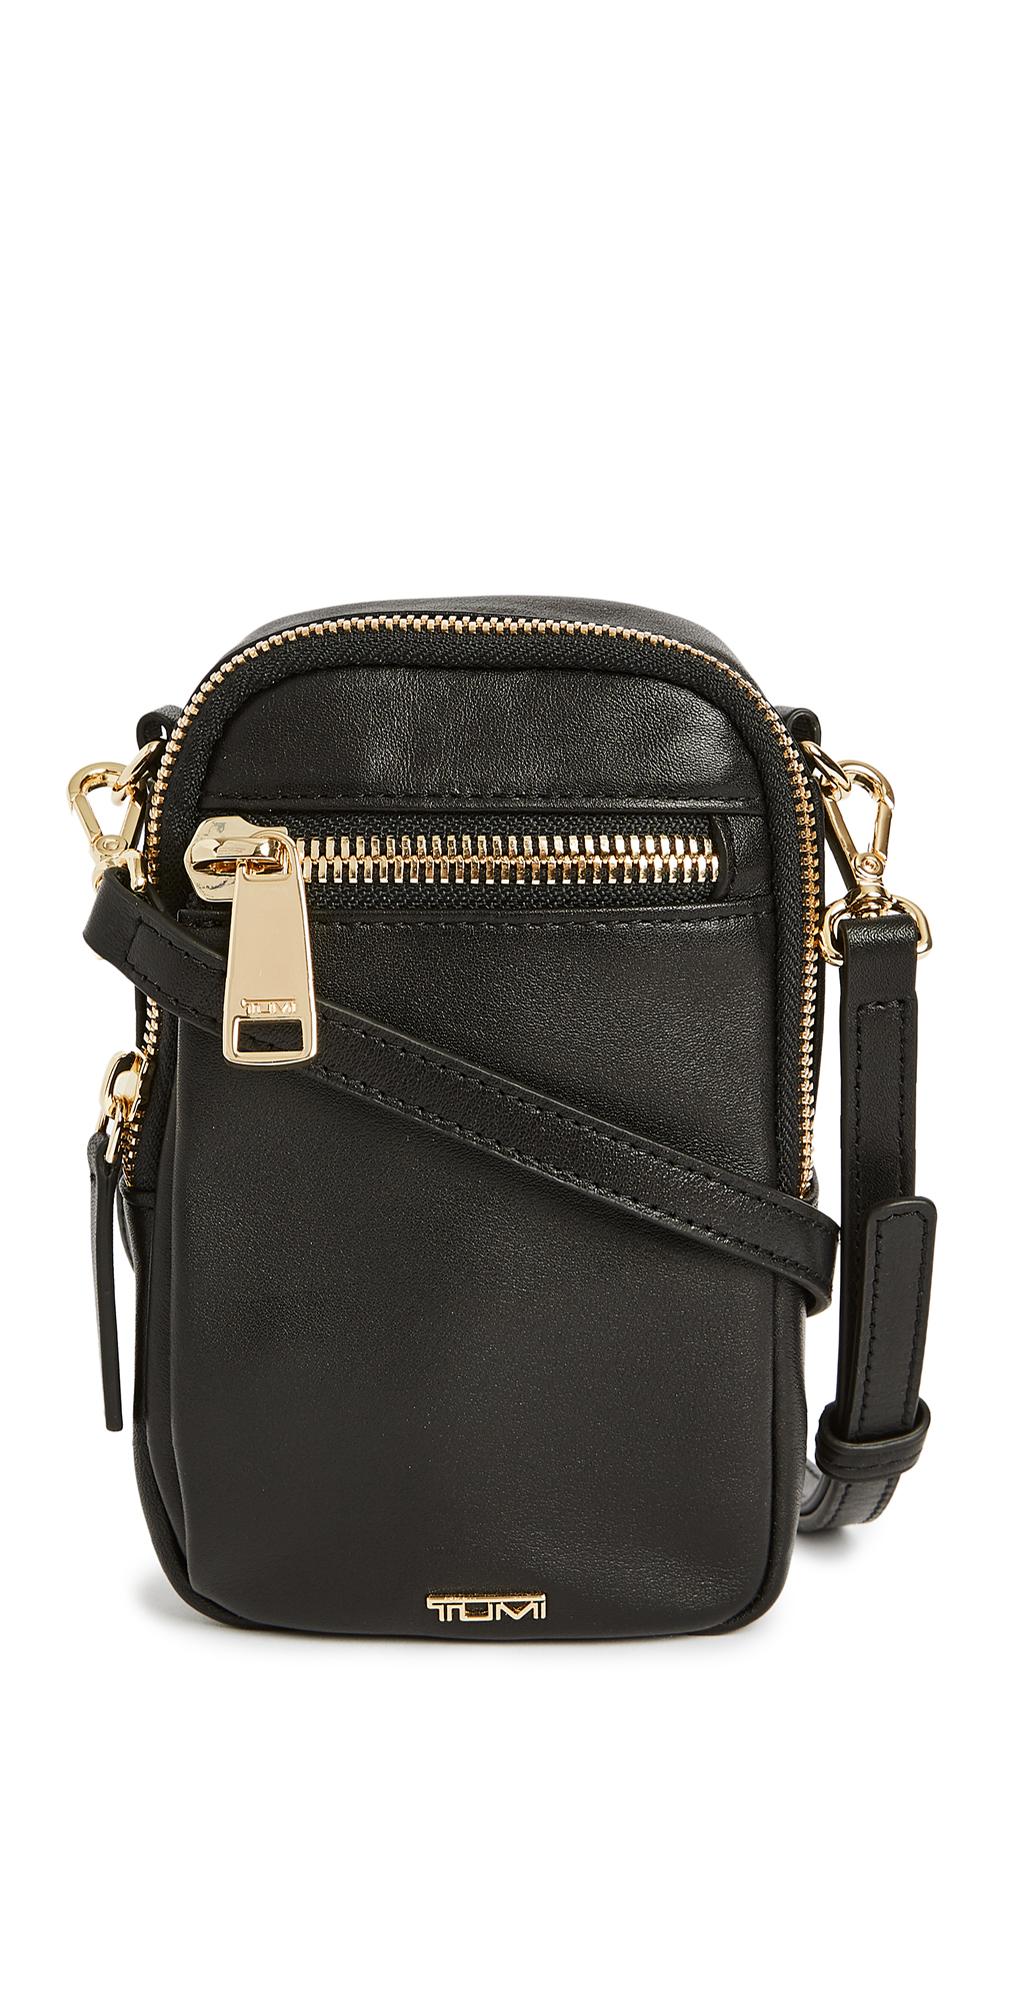 Tumi Katy Crossbody Bag